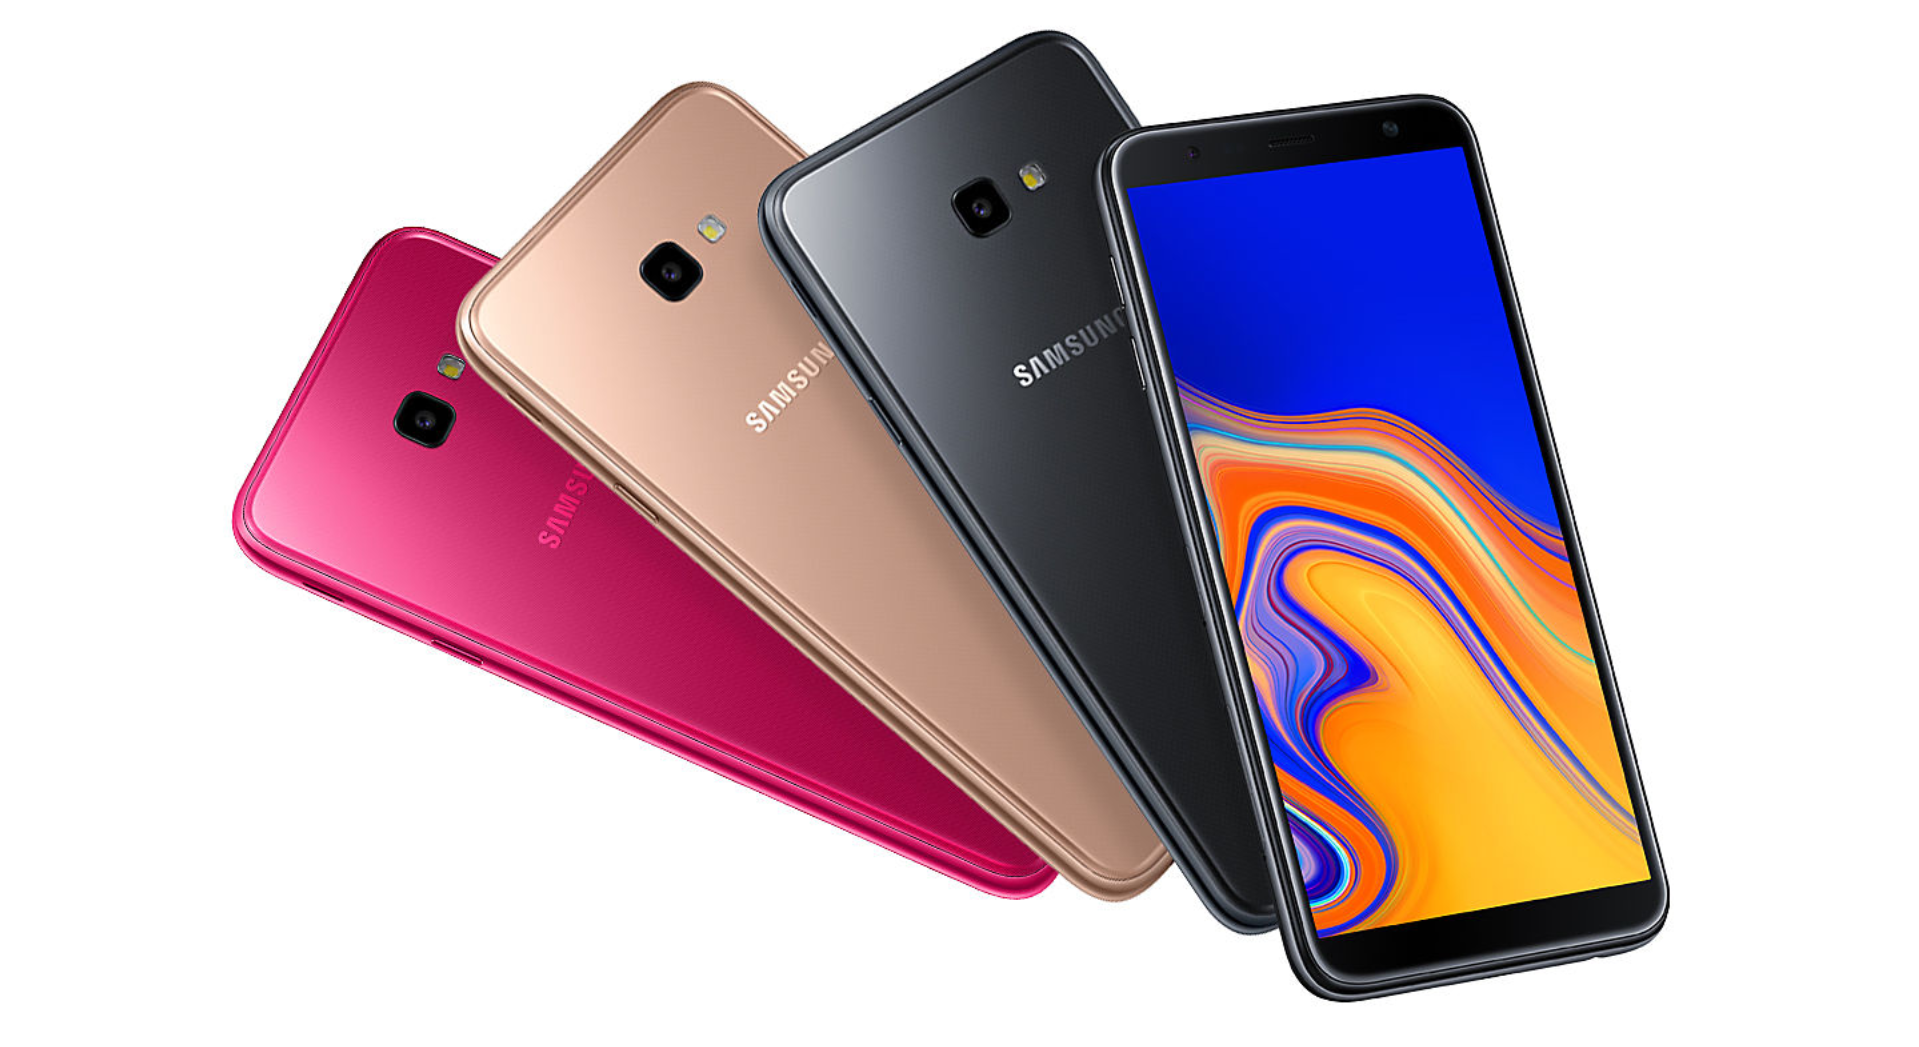 แนะนำ มือถือสุดคุ้ม ในงบ 5,000 บาท ต้อนรับงาน Thailand Mobile Expo 2019